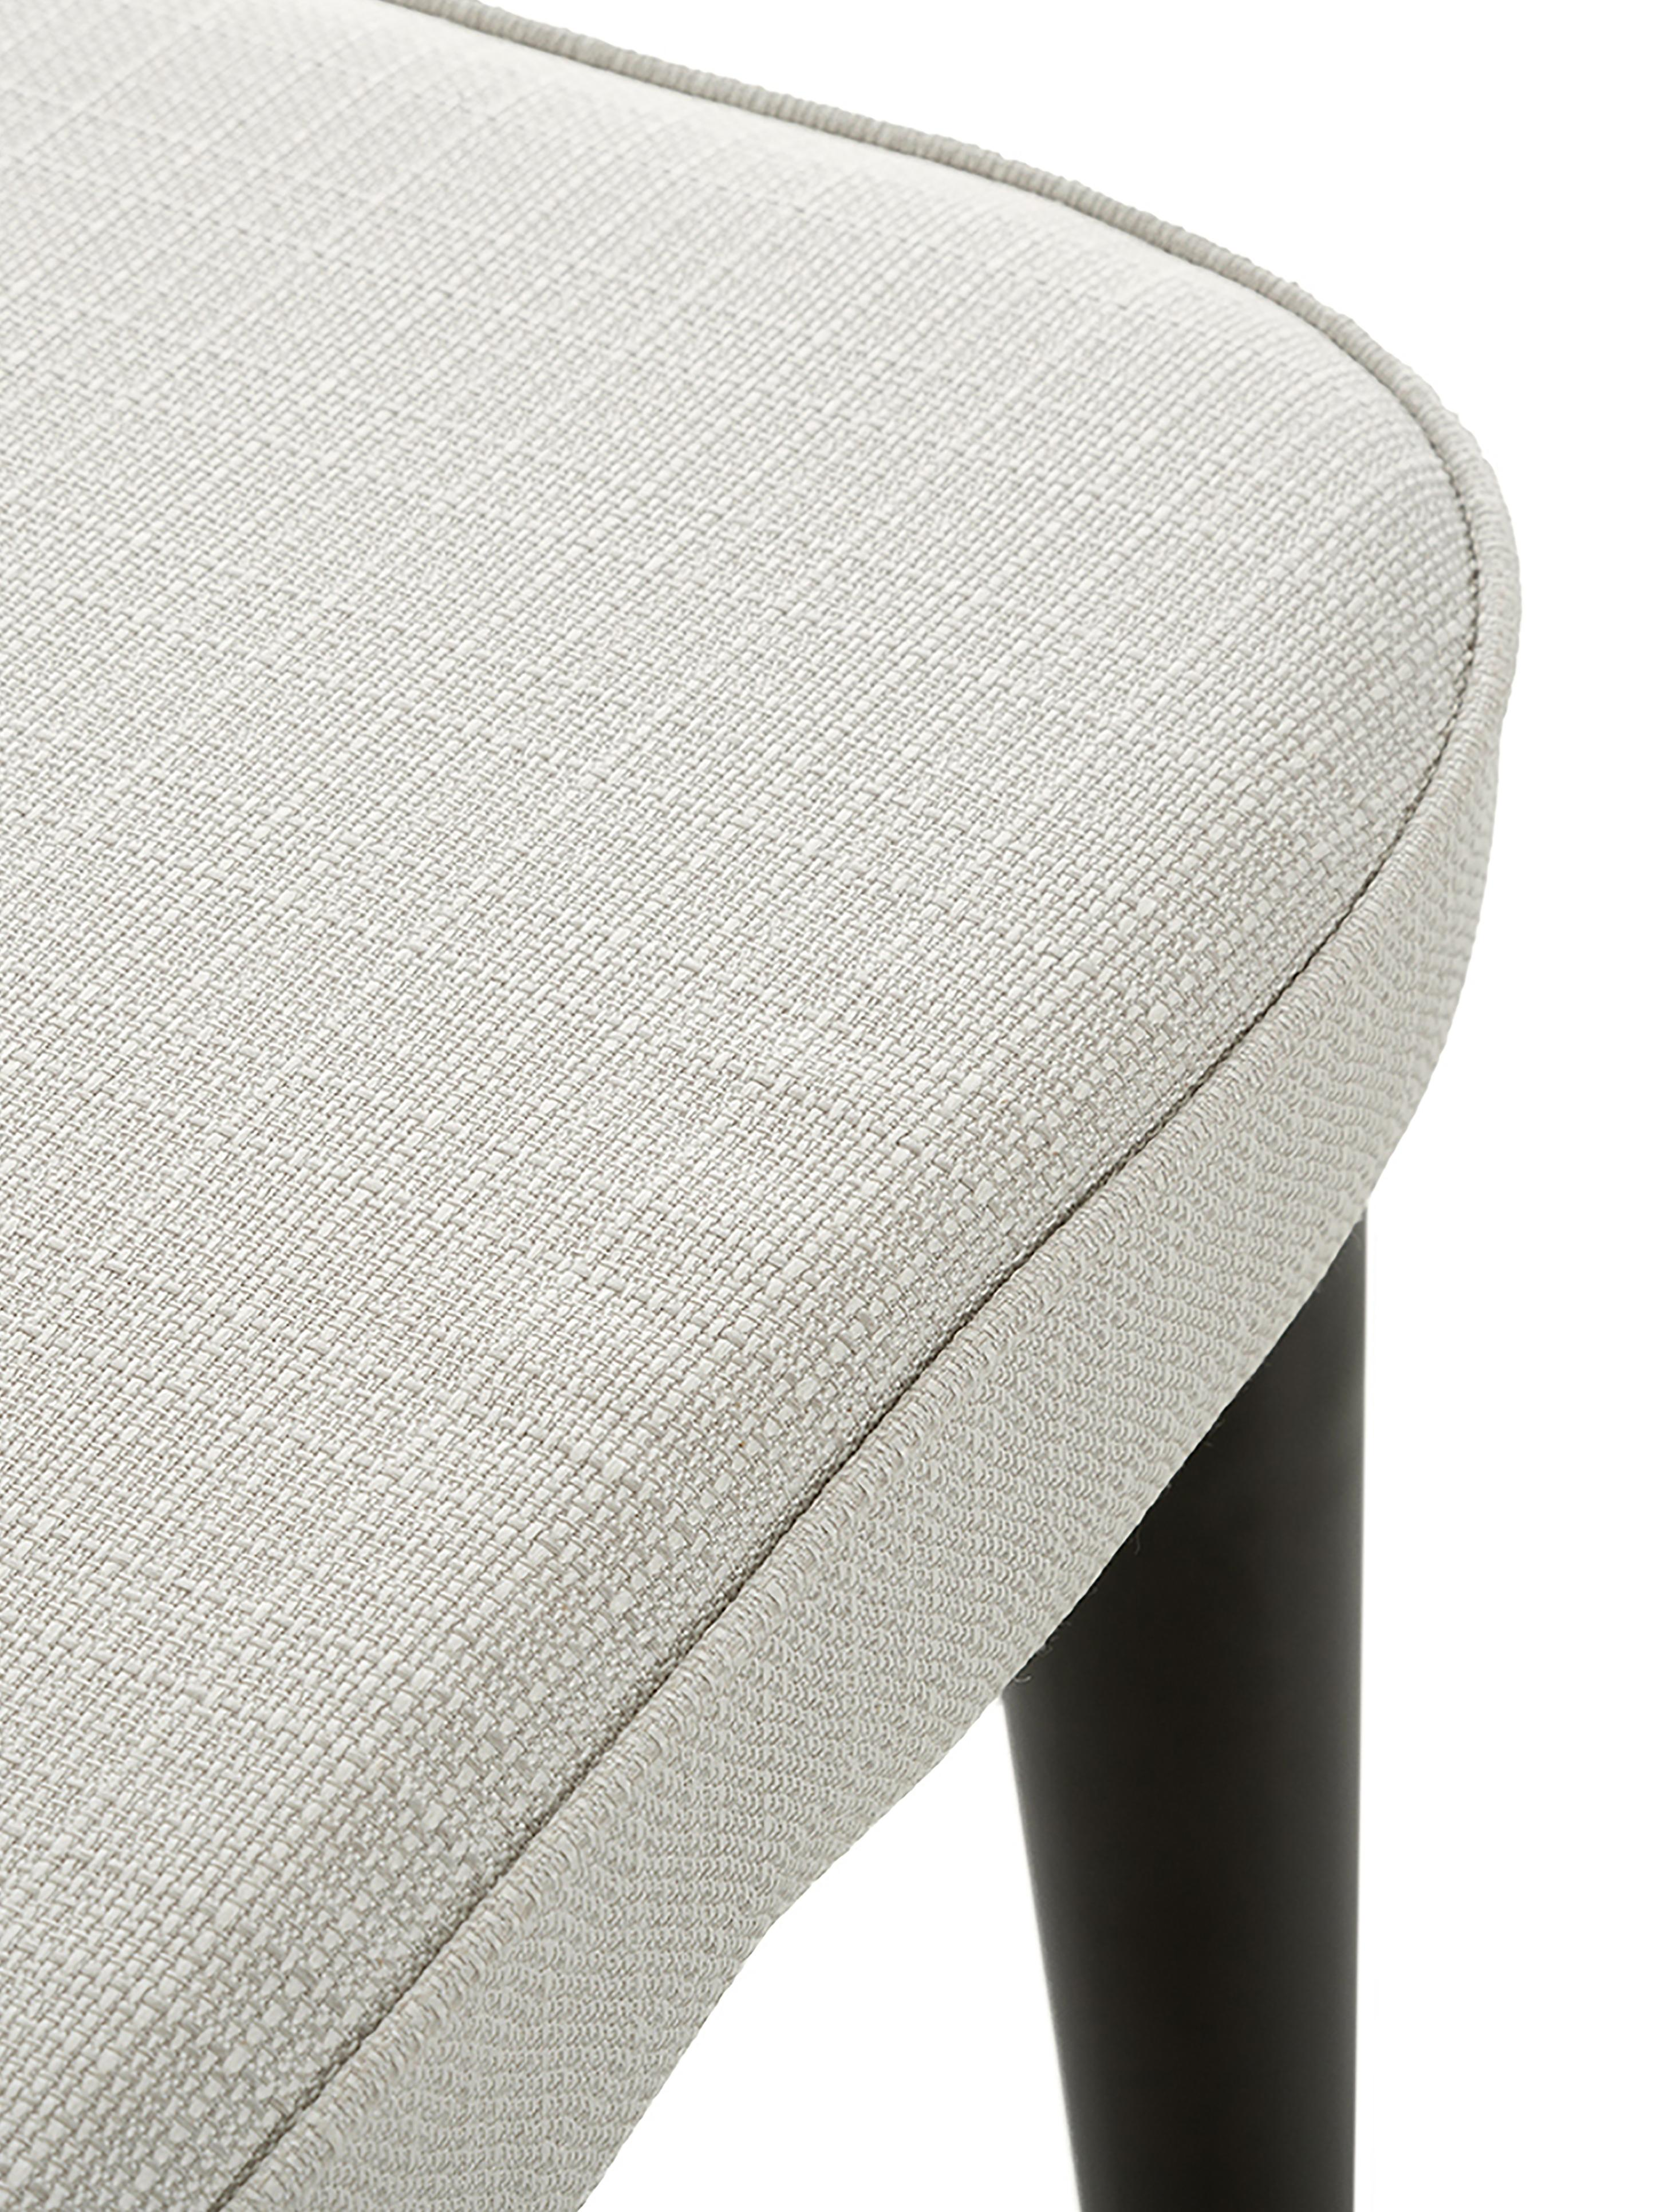 Klassischer Polsterstuhl Cleo, Bezug: Polyester Der hochwertige, Beine: Metall, pulverbeschichtet, Webstoff Cremeweiß, 51 x 62 cm